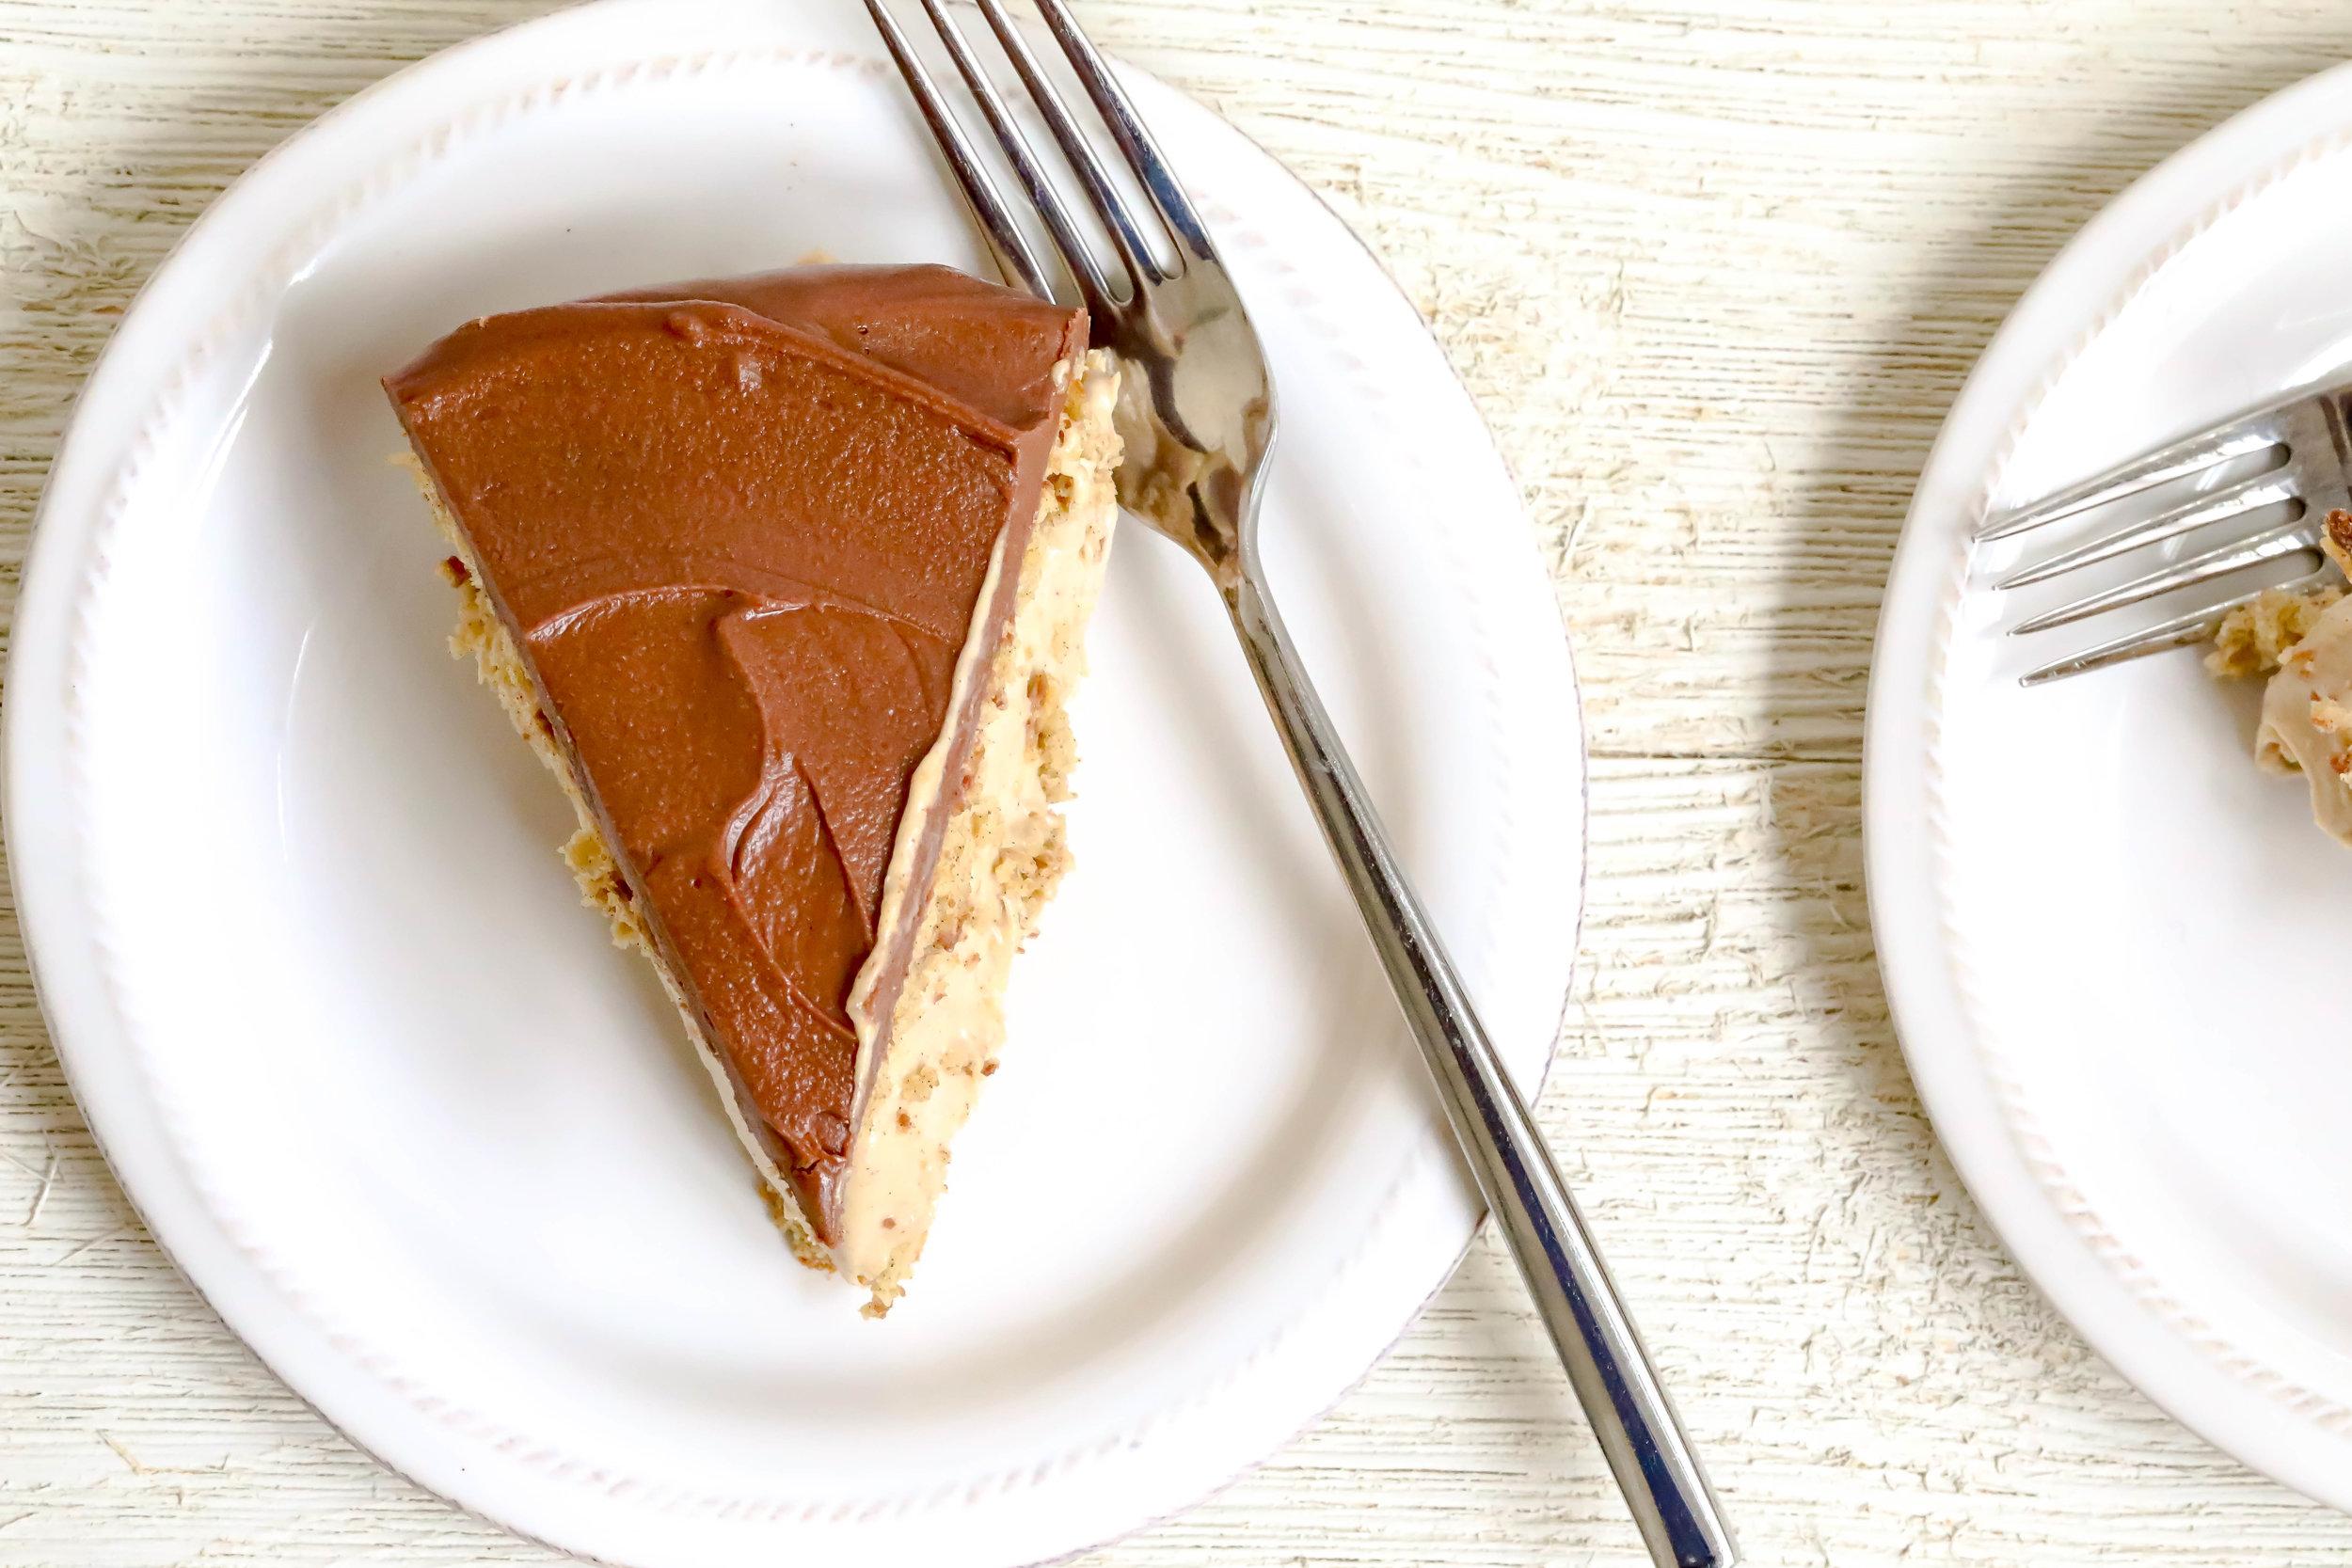 Slice of Healthified Boston Cream Pie